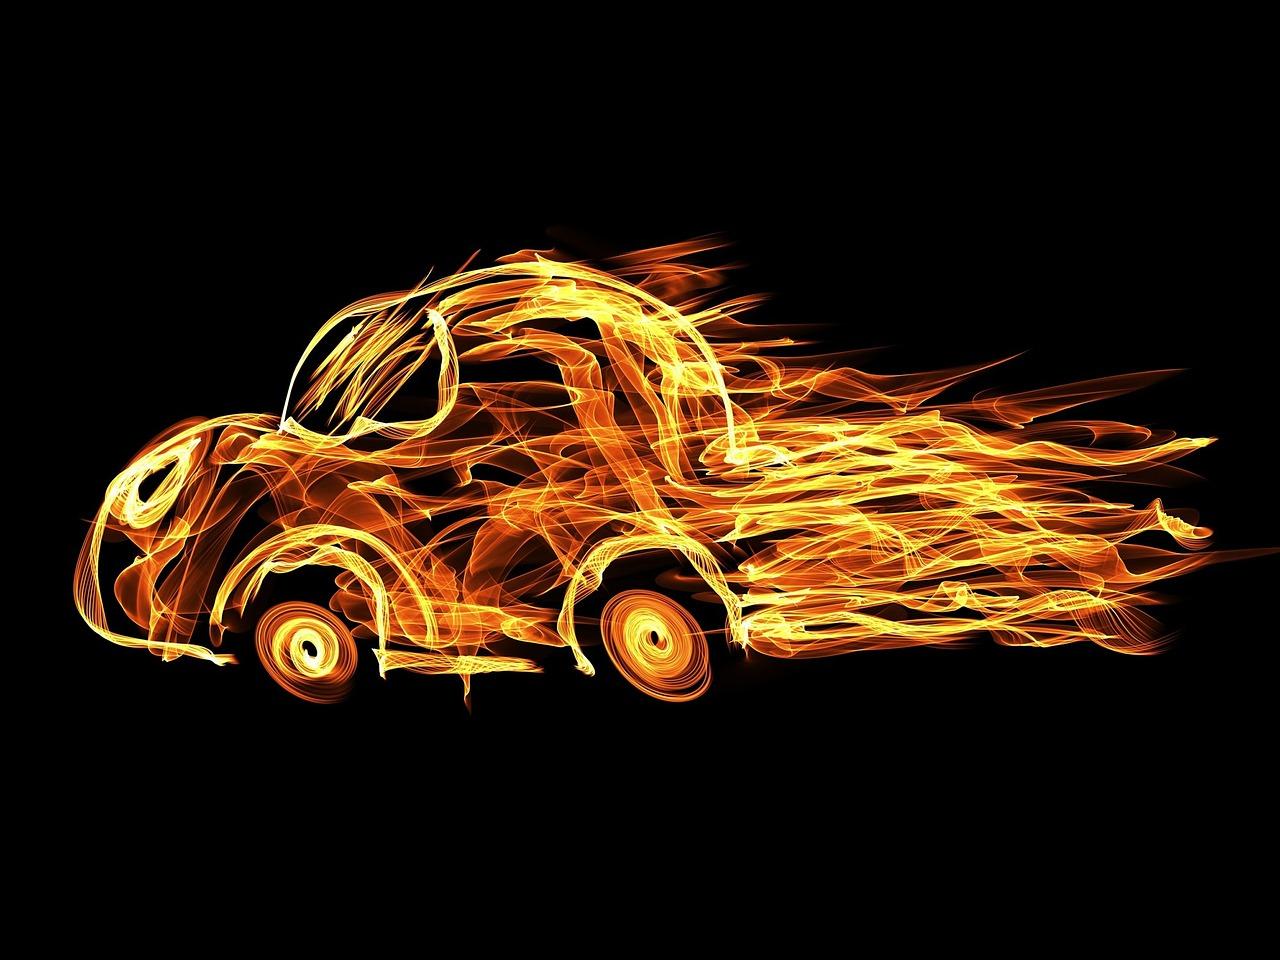 авто огонь Пиксбэй